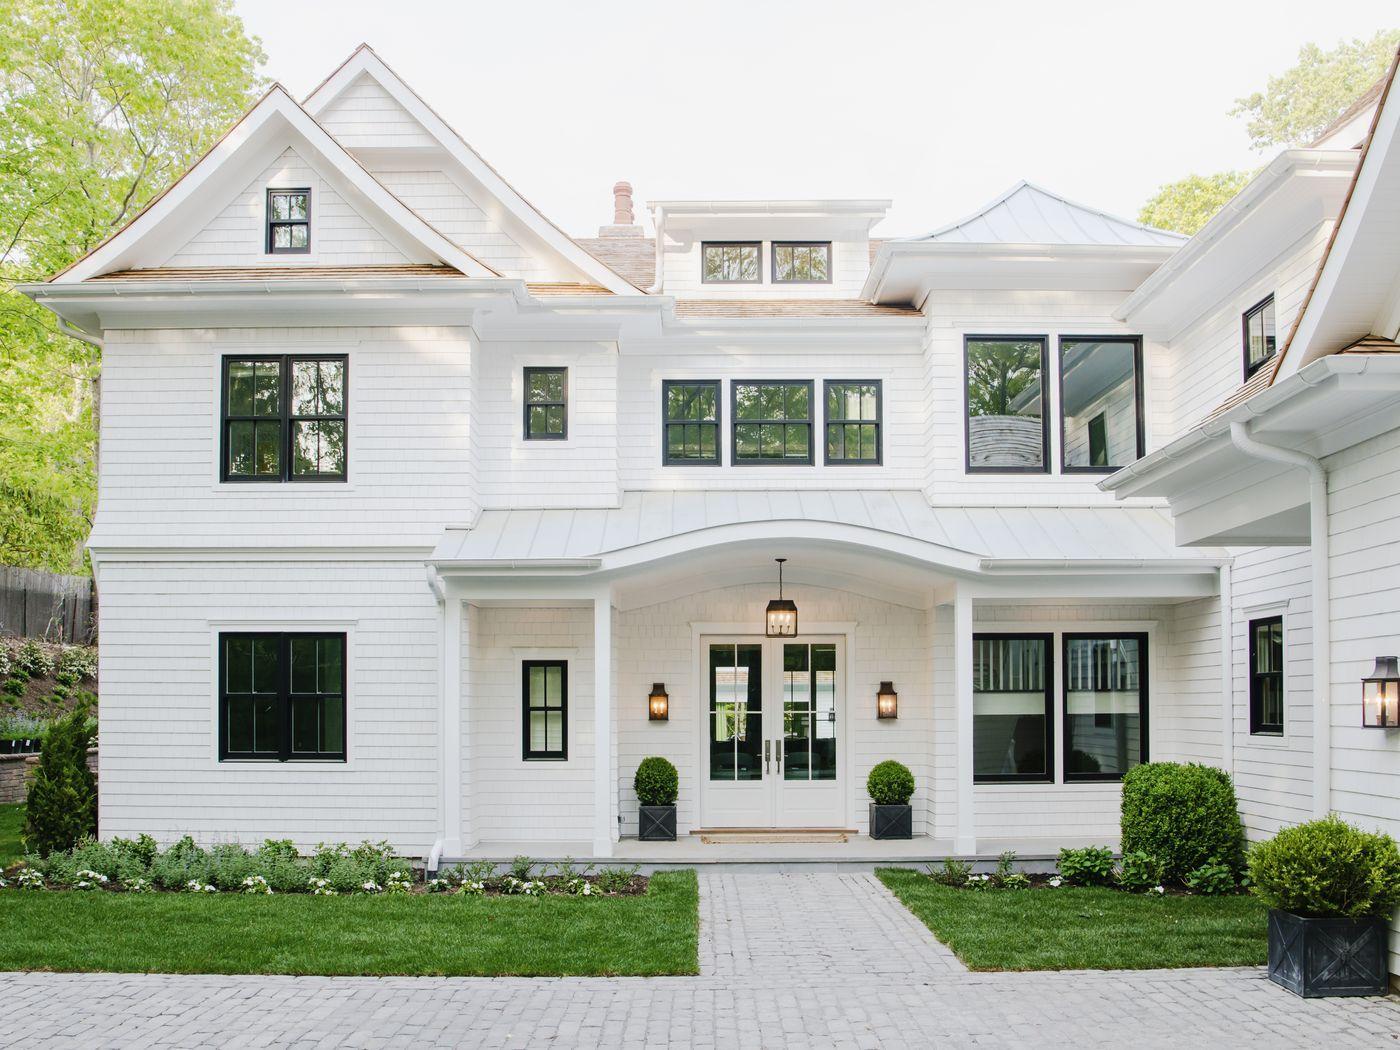 дизайн частного дома в белом цвете фото работа только артистов